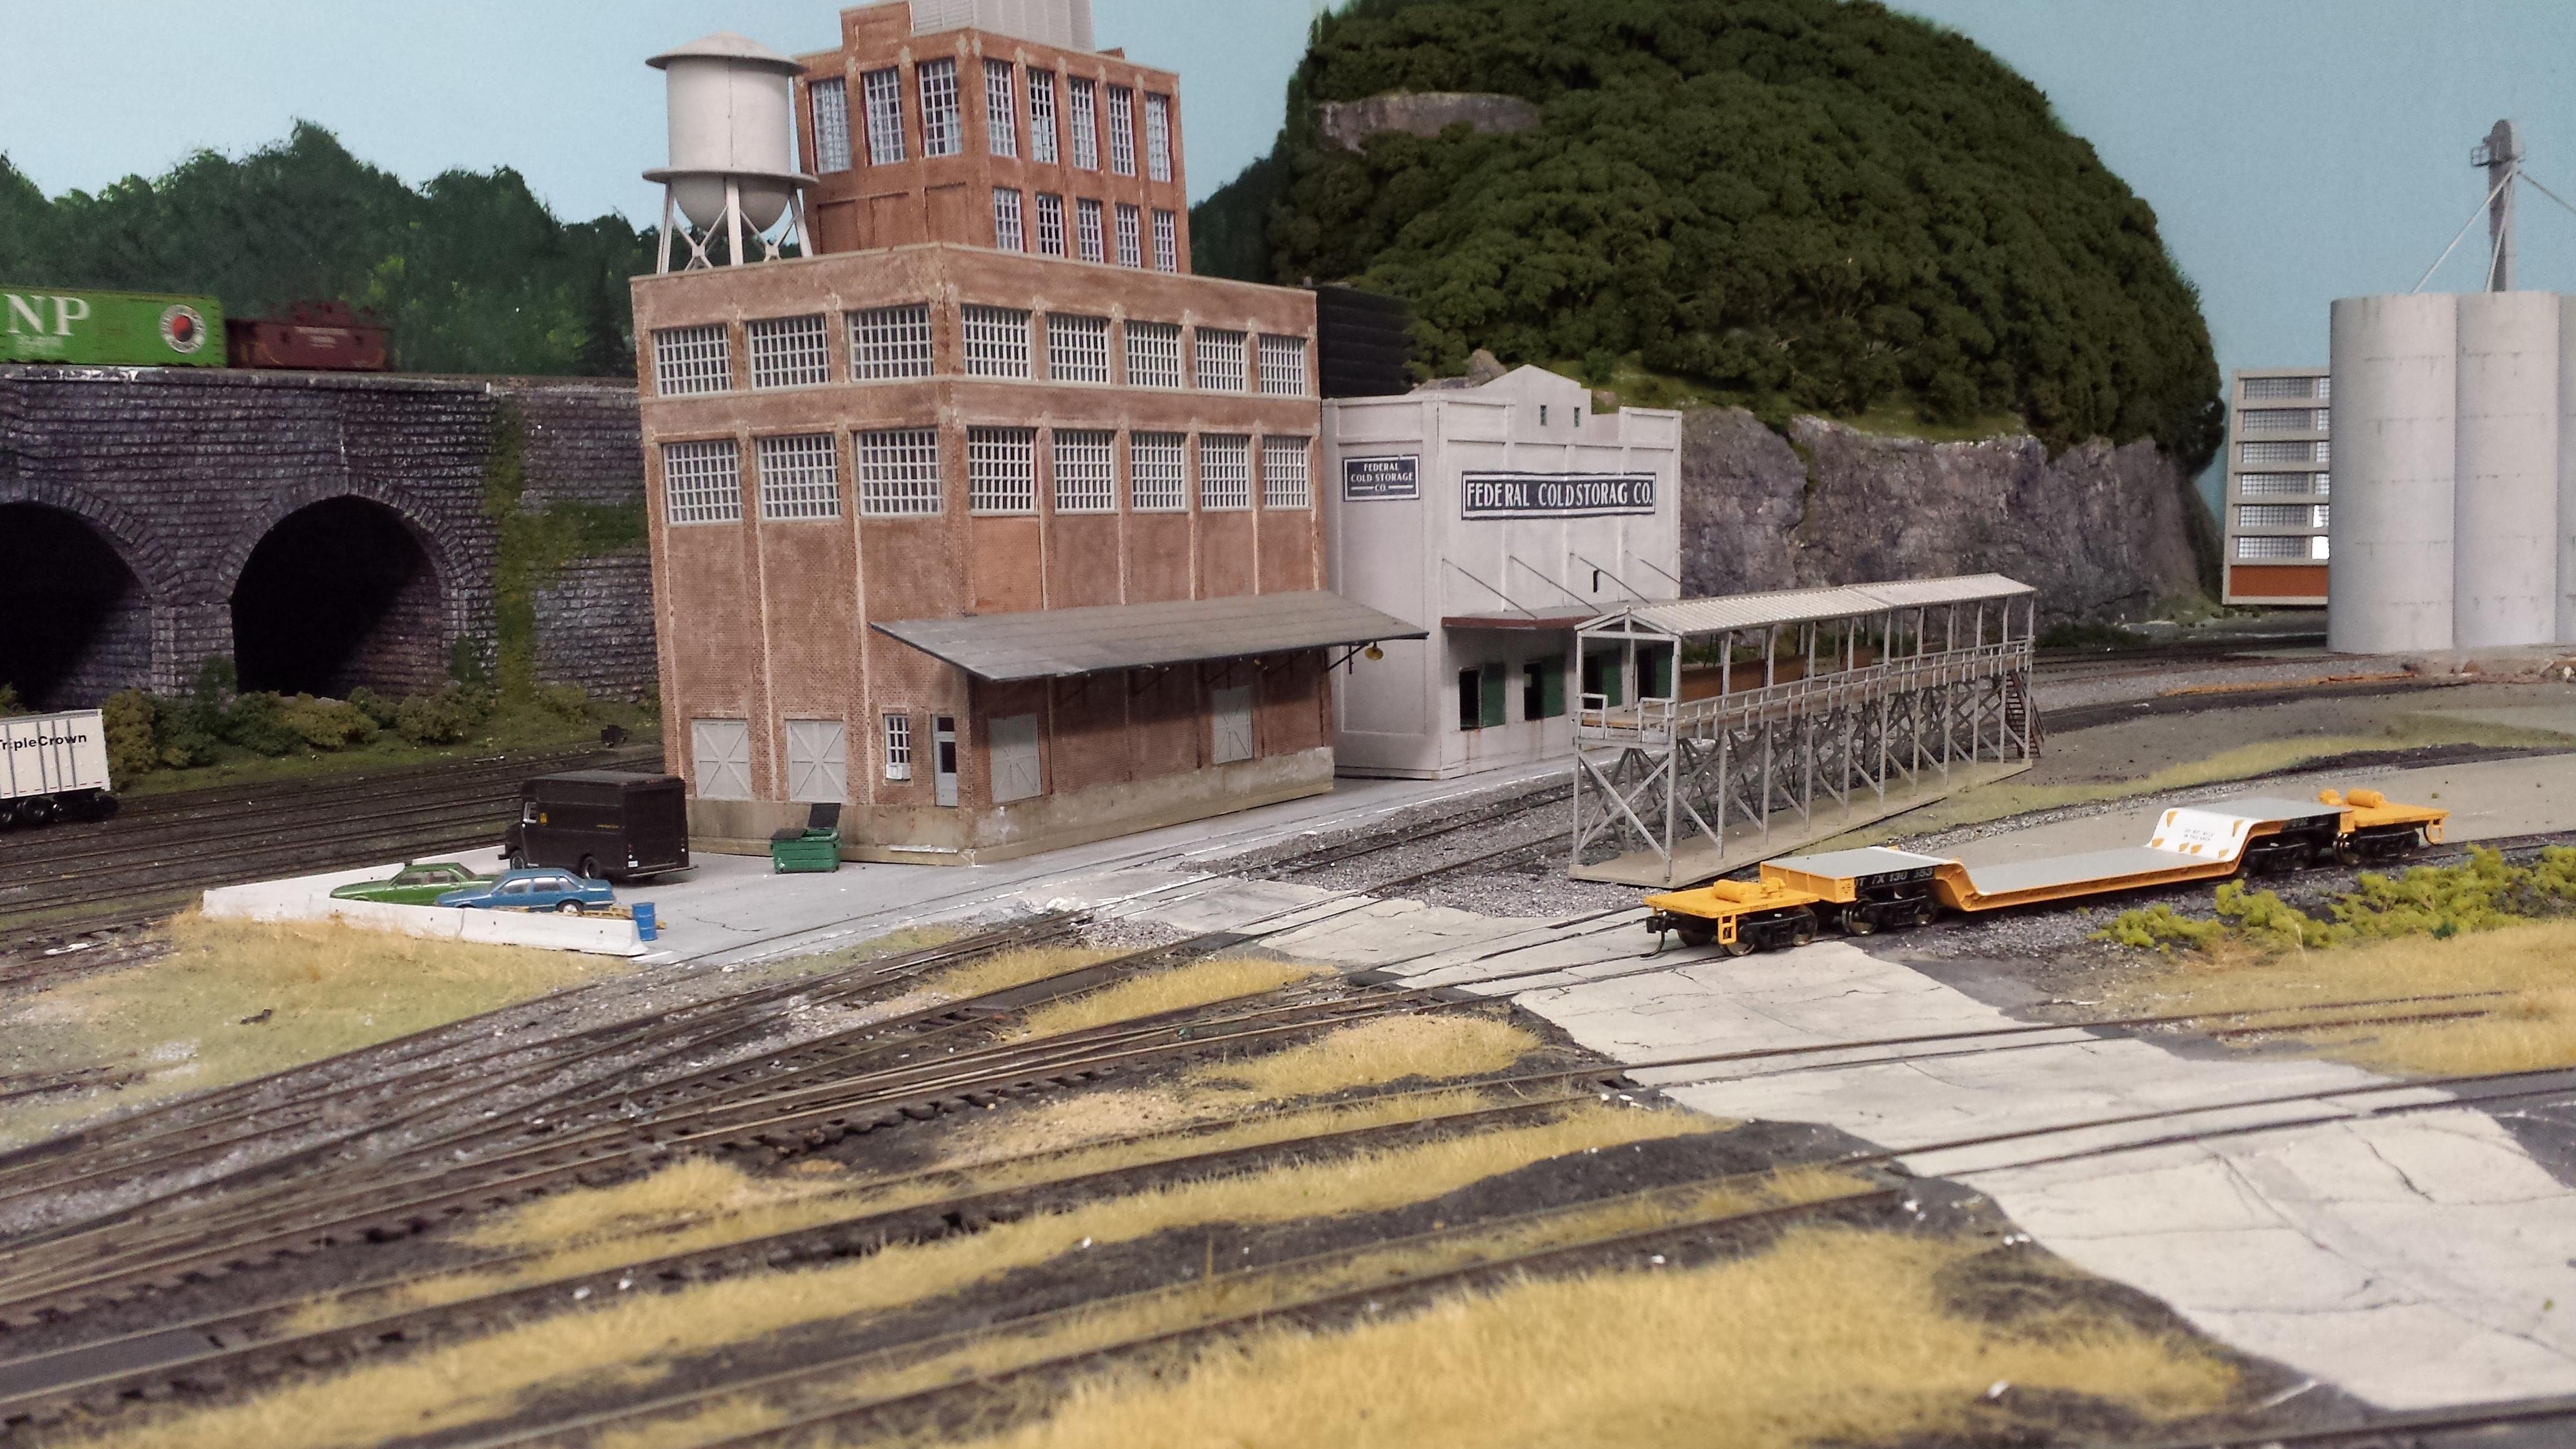 Wheatfield Industrial